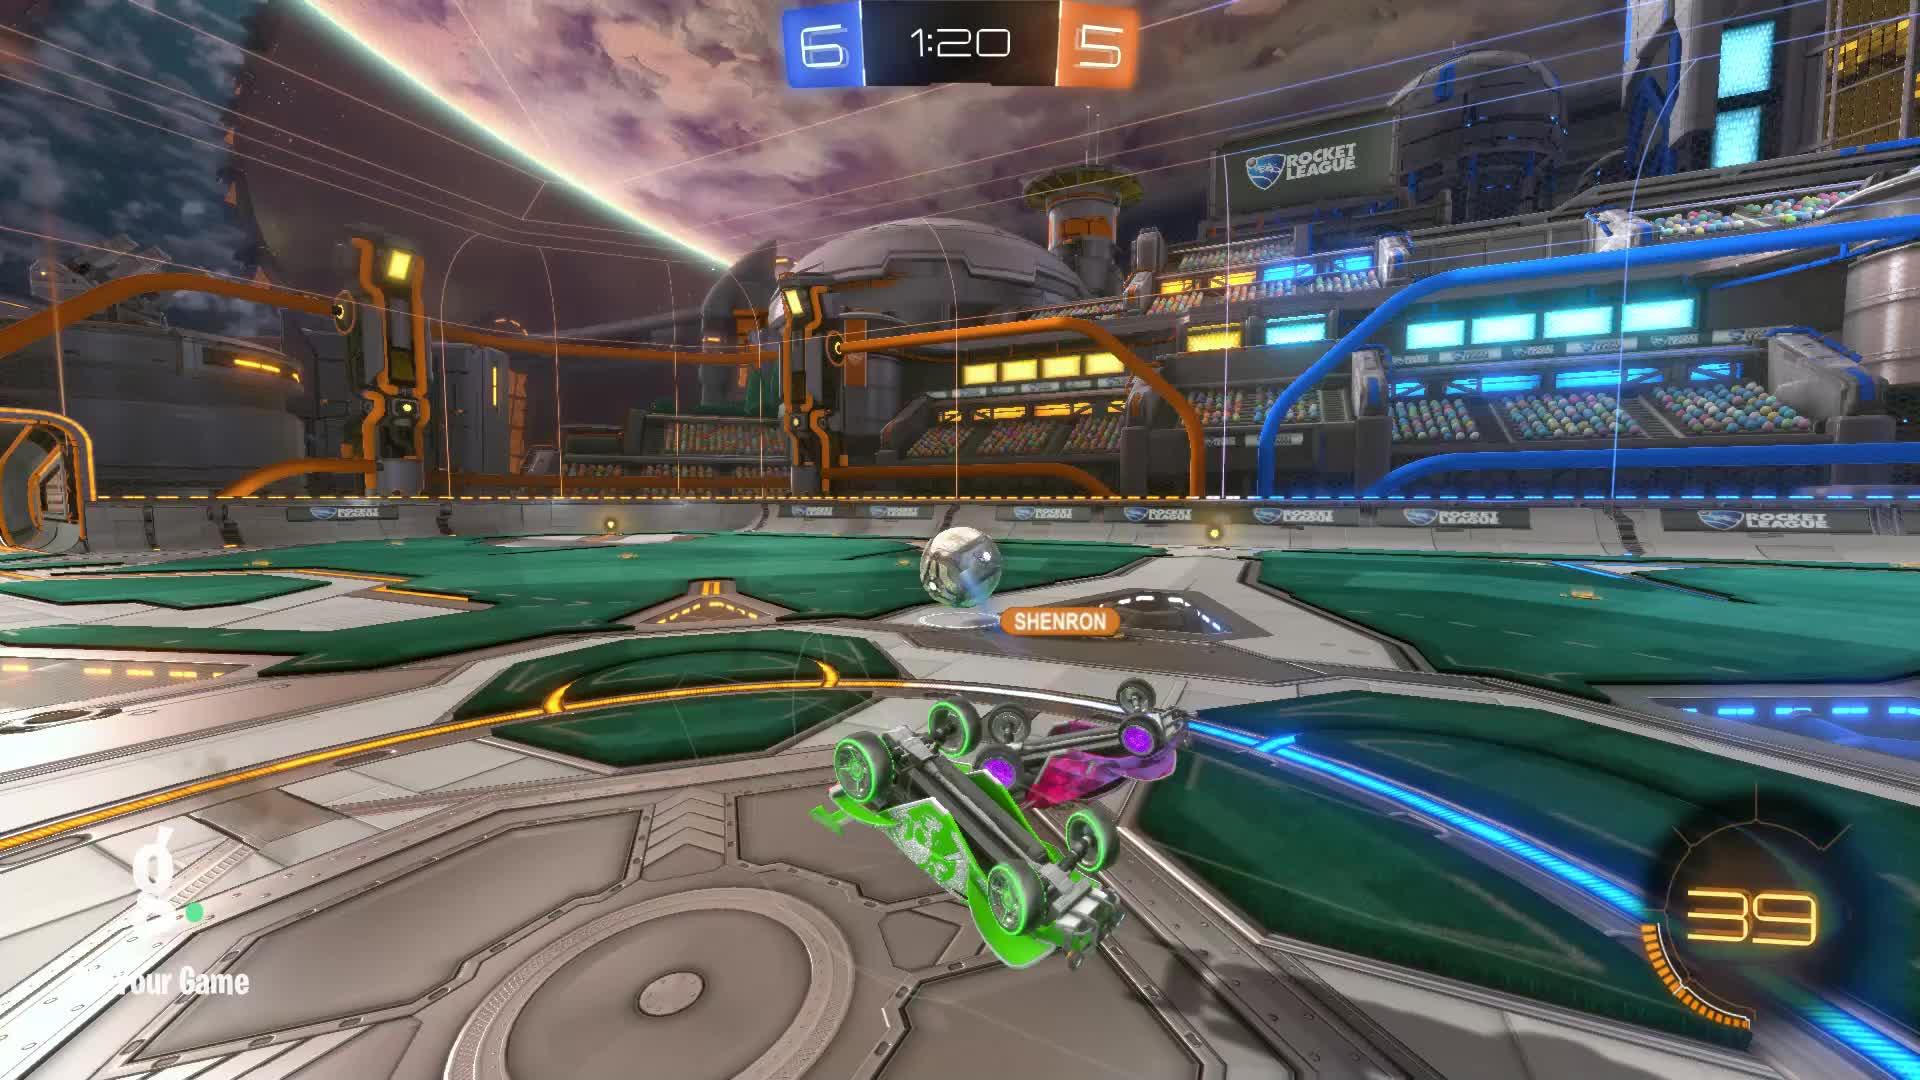 A A ron, Gif Your Game, GifYourGame, Goal, Rocket League, RocketLeague, Goal 12: A A ron GIFs